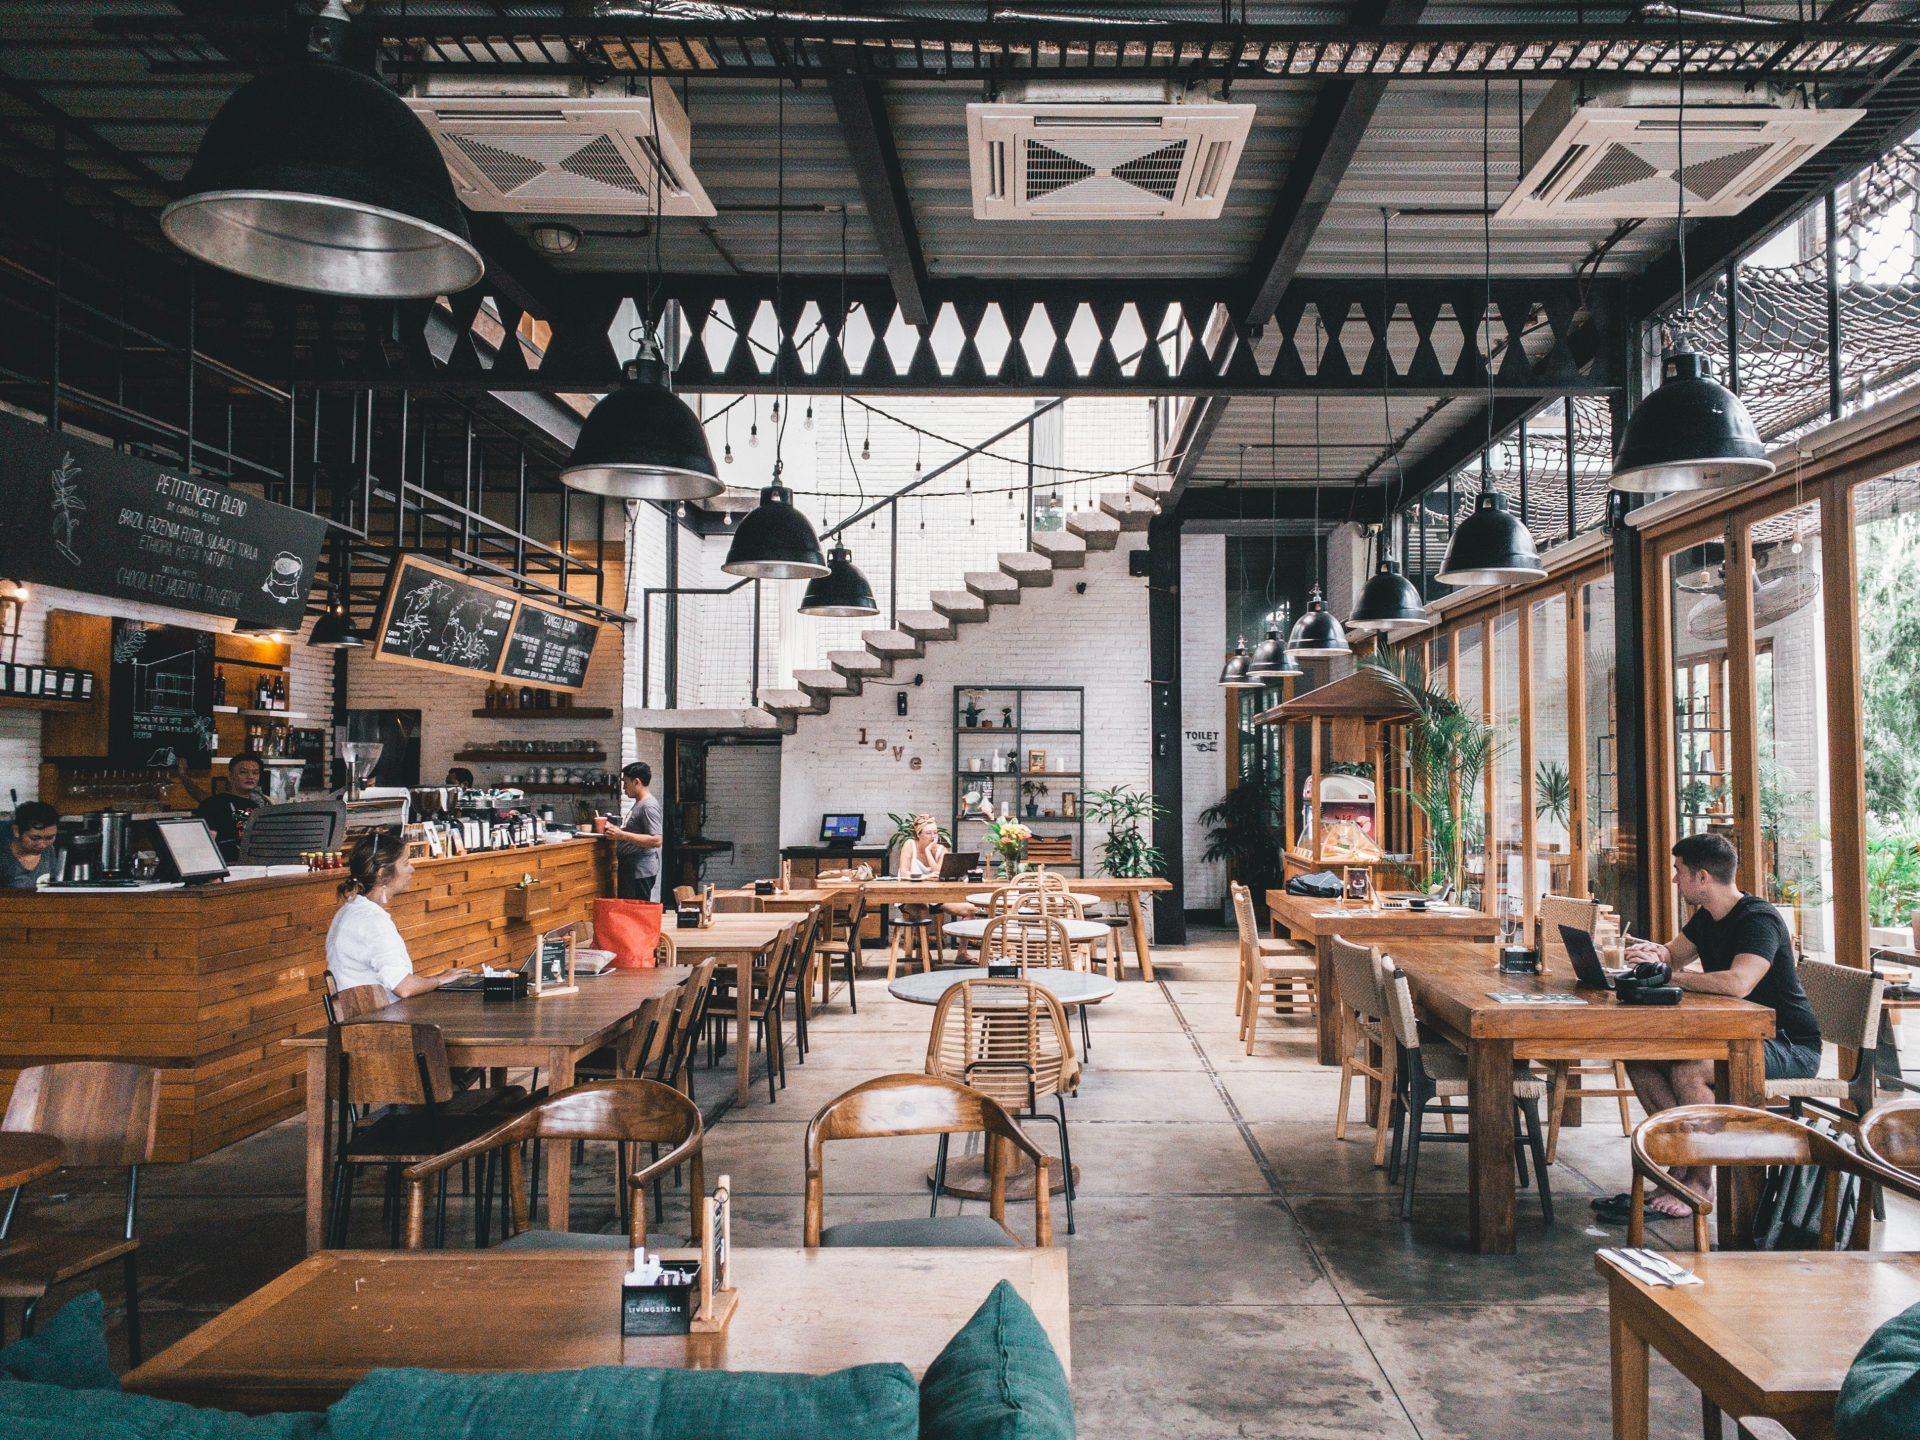 Klimatechnik installiert in einem Restaurant